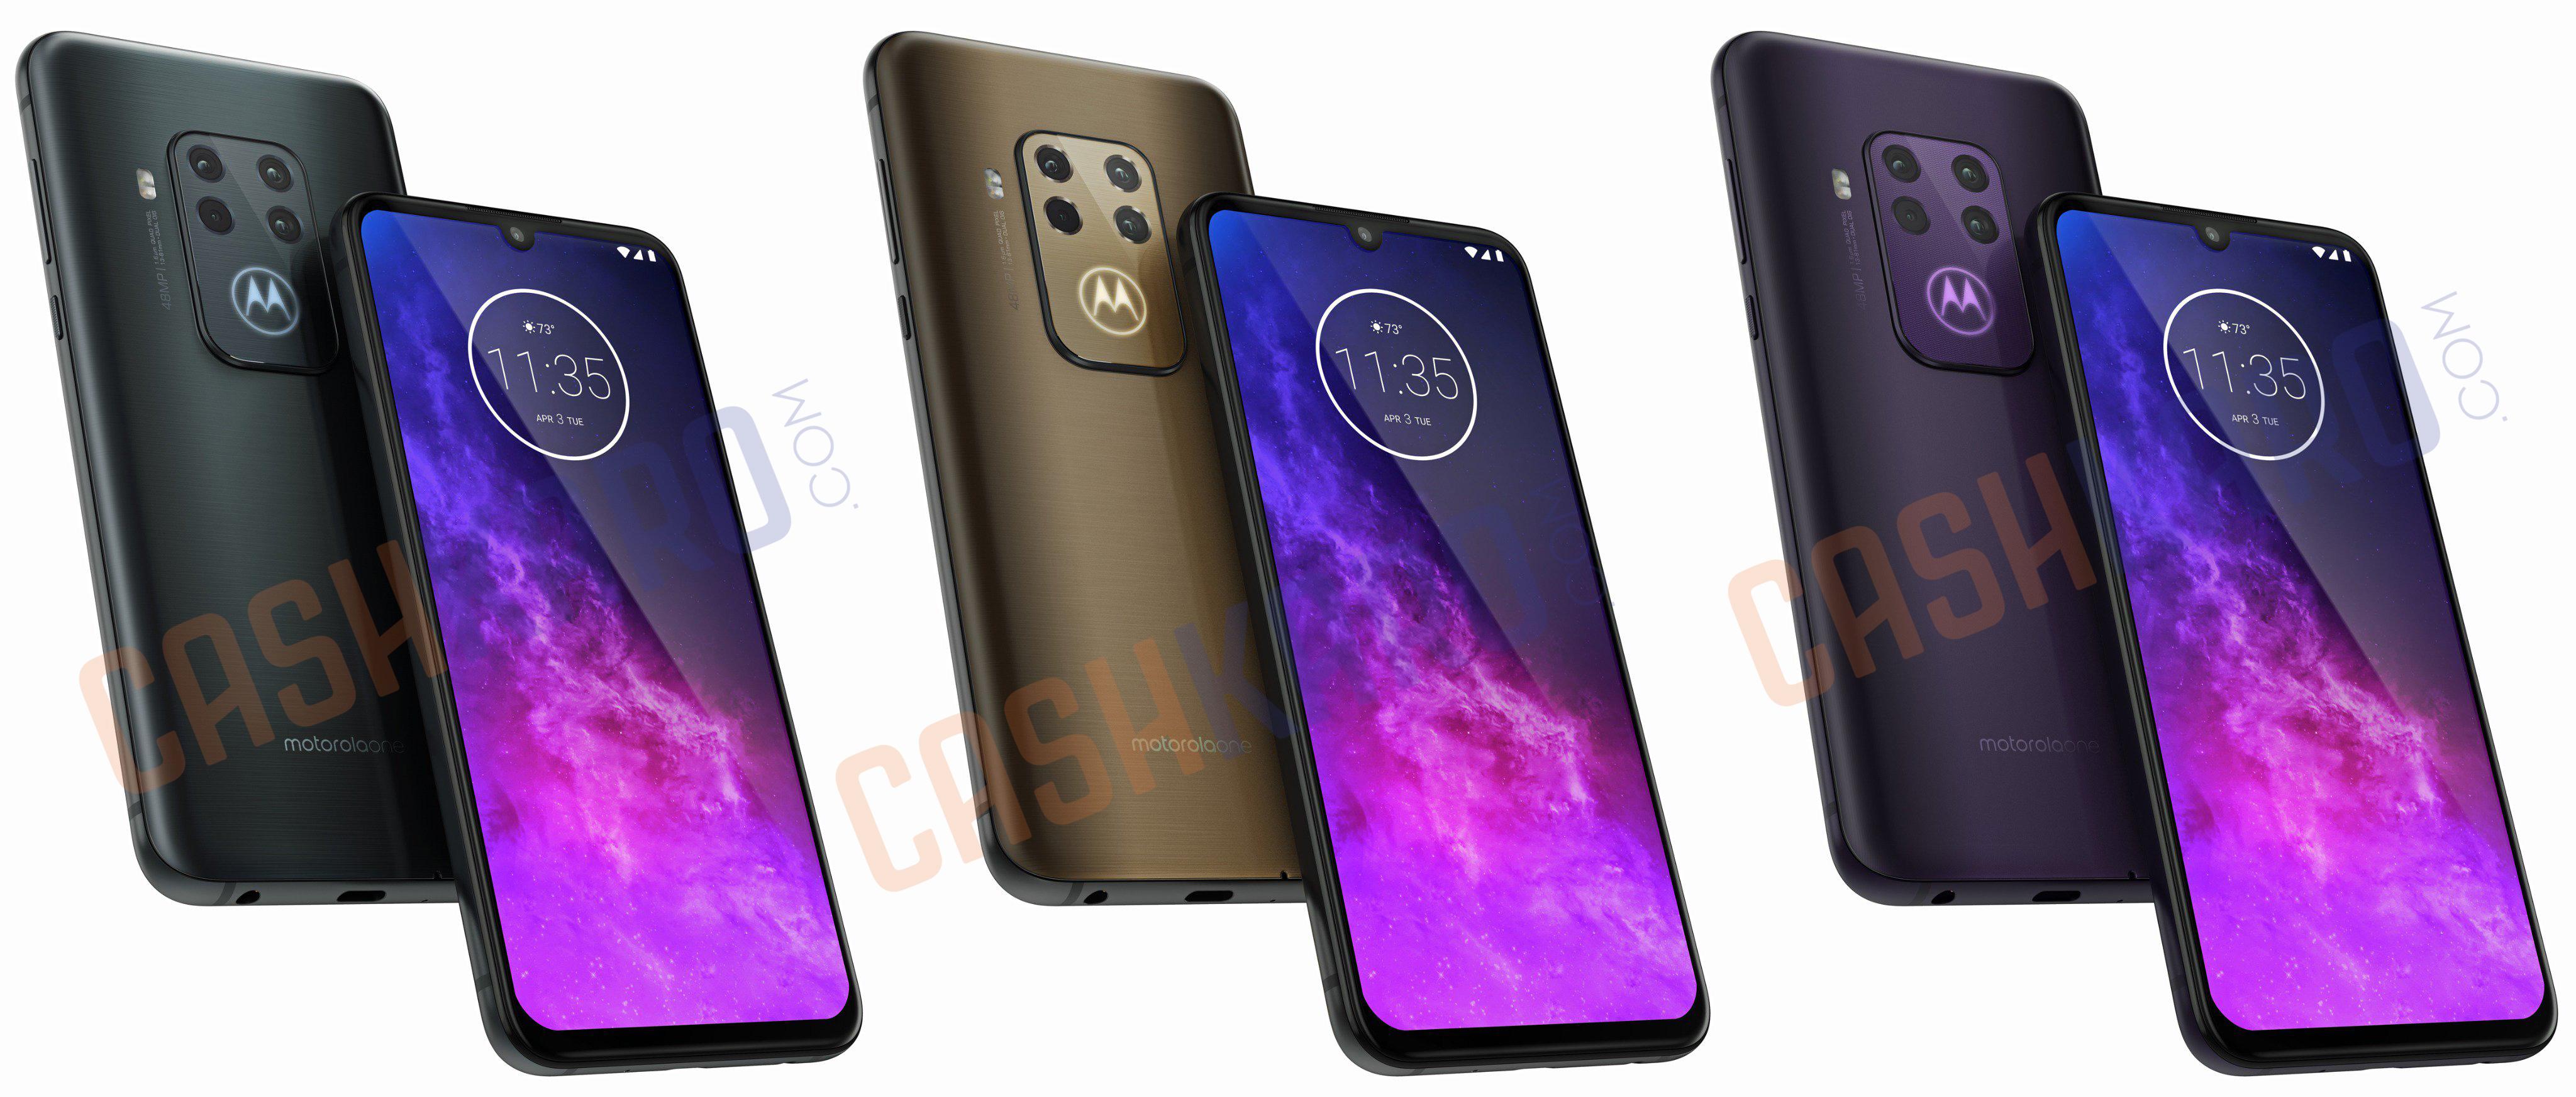 Motorola One Pro Leaked